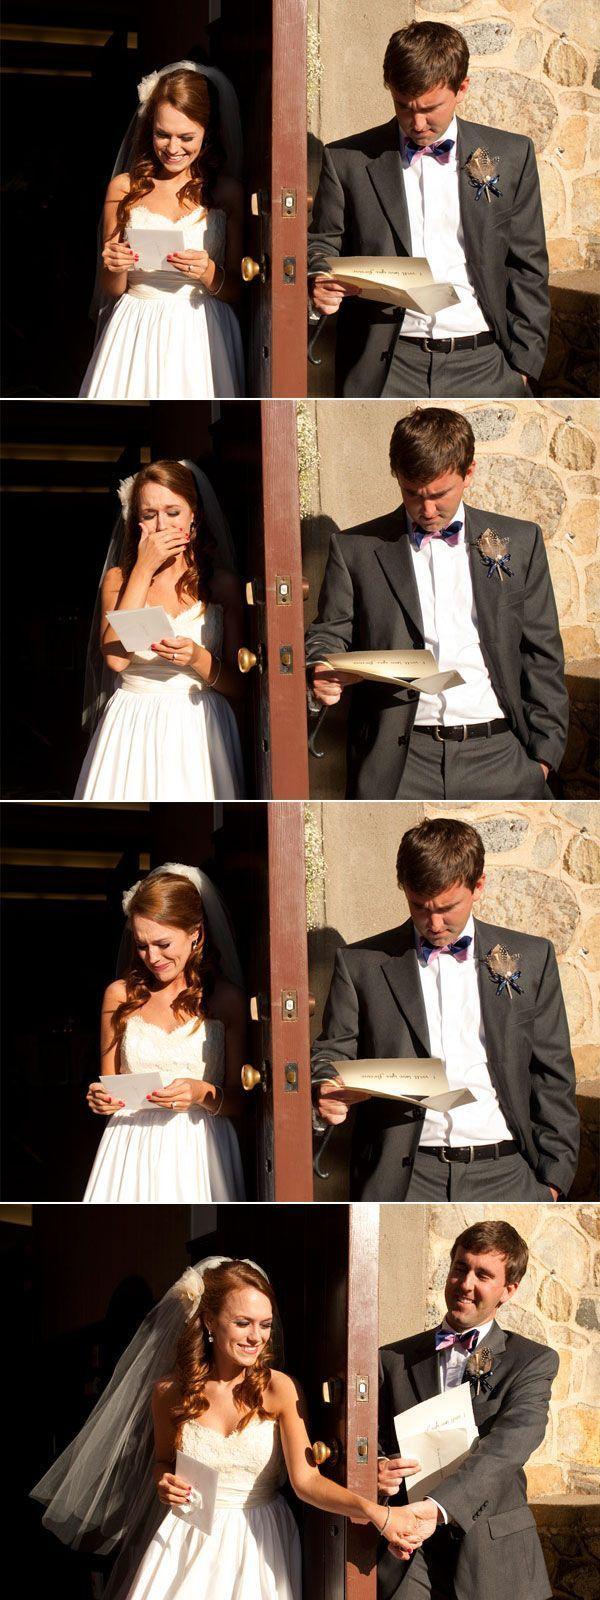 ファーストミートの前に手紙の交換♡ 感動的なウェディングのアイデア。結婚式・ブライダルの参考に☆